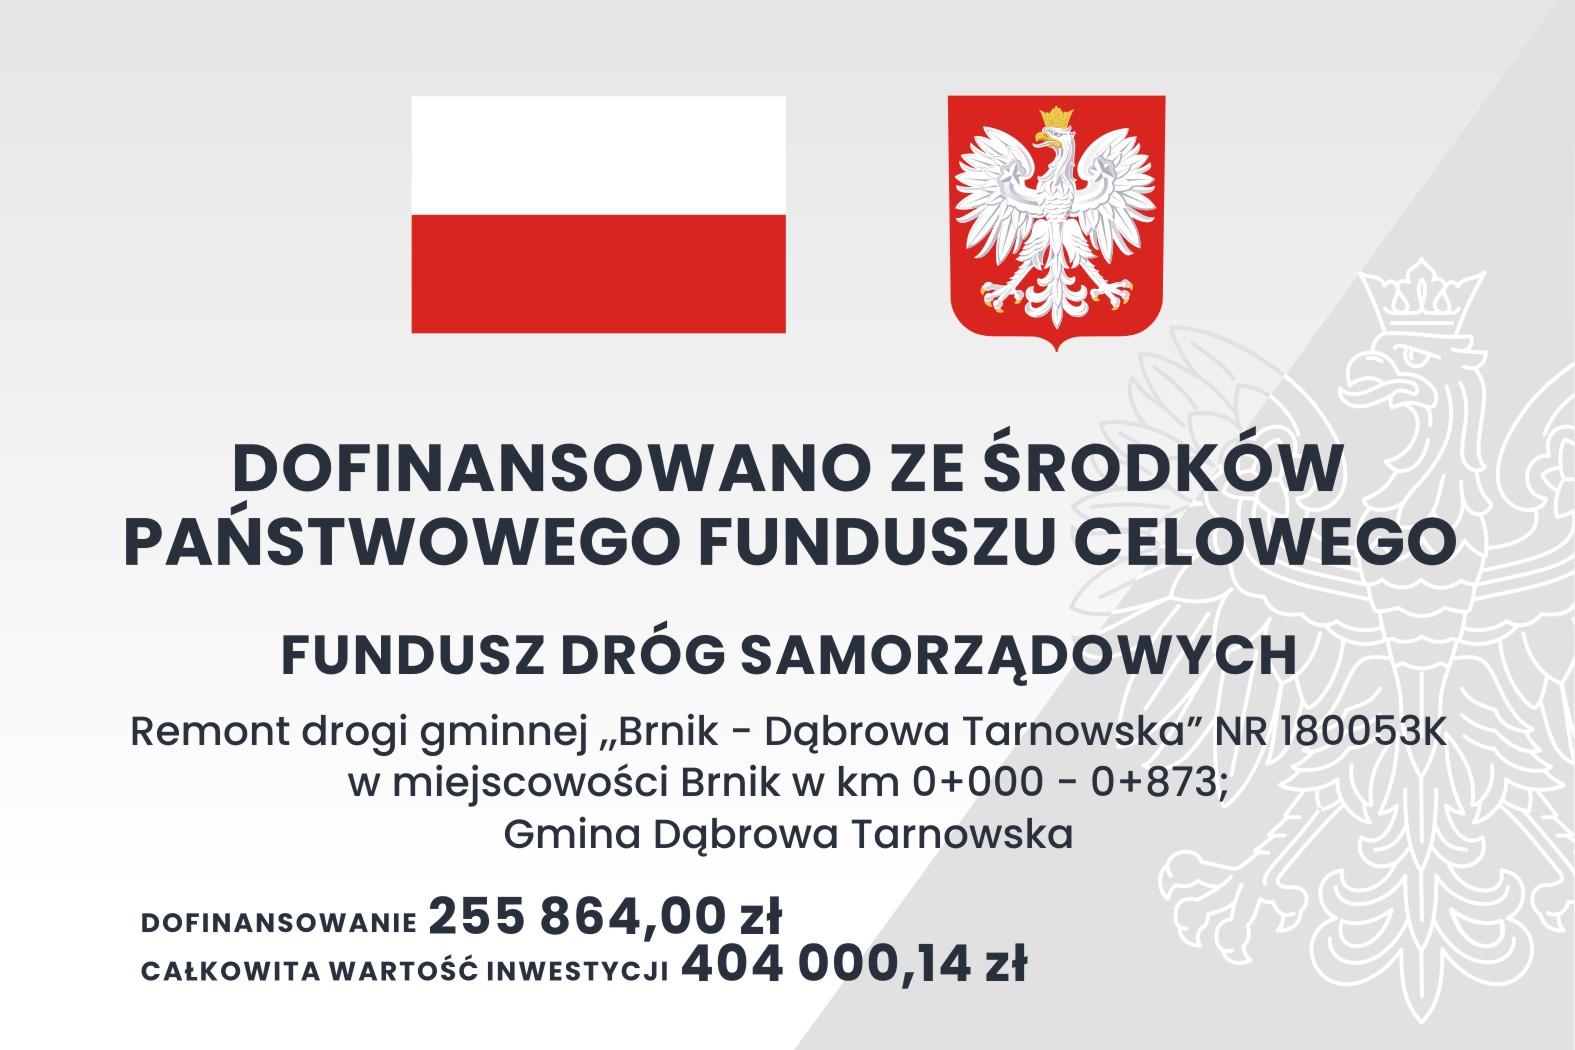 tablica FDS Brnik1 <cent />Fundusz Dróg Samorządowych<br>w Gminie Dąbrowa Tarnowska</center>